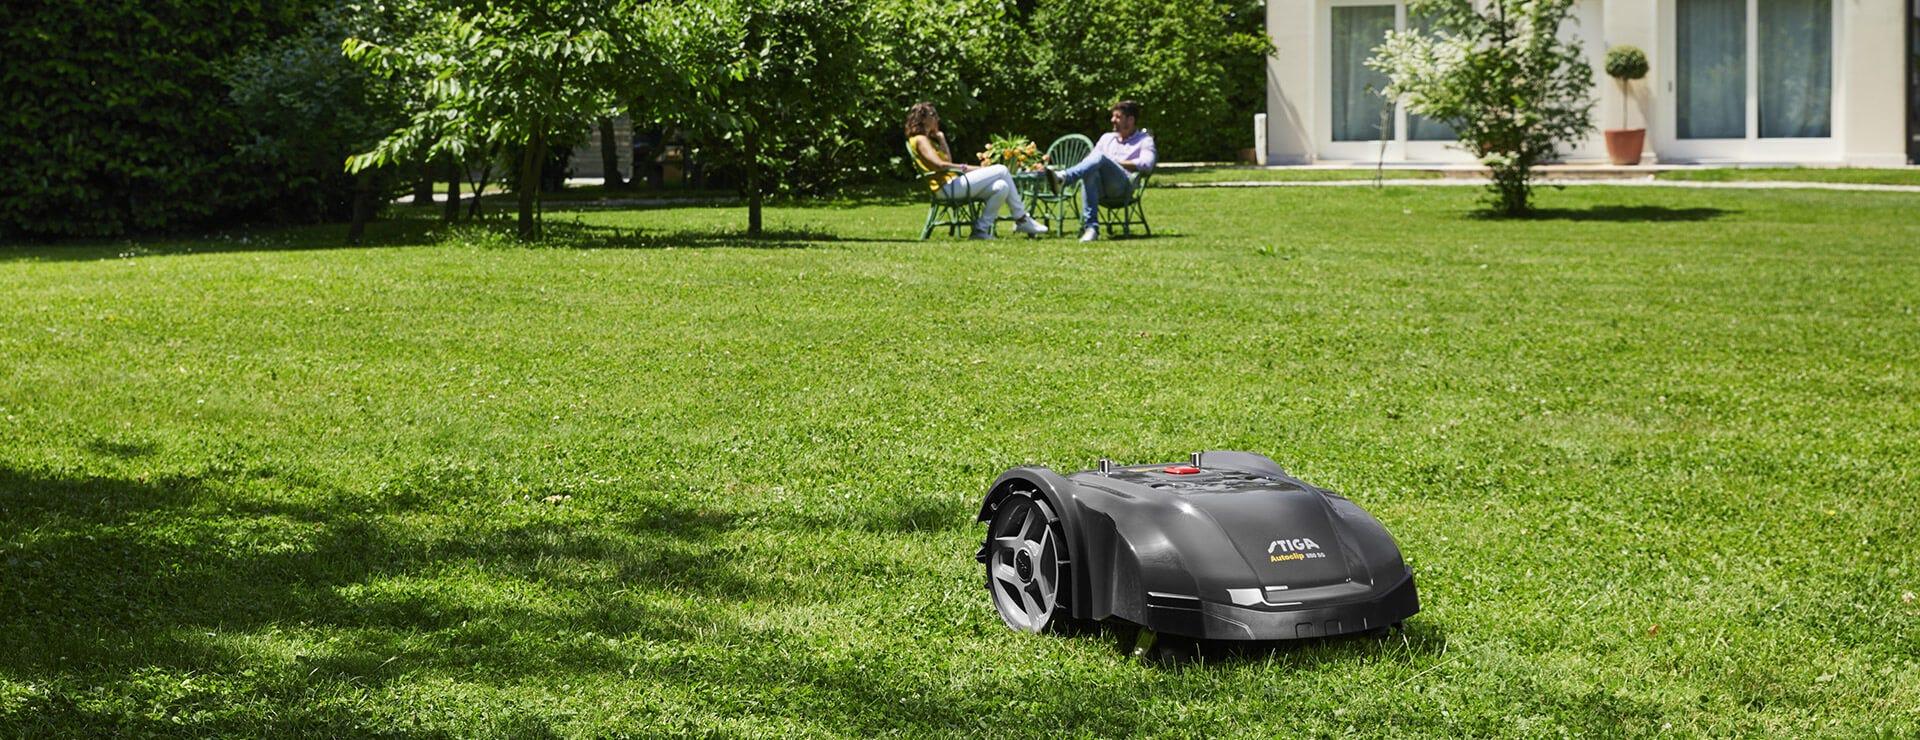 AUTOCLIP tondeuses robots